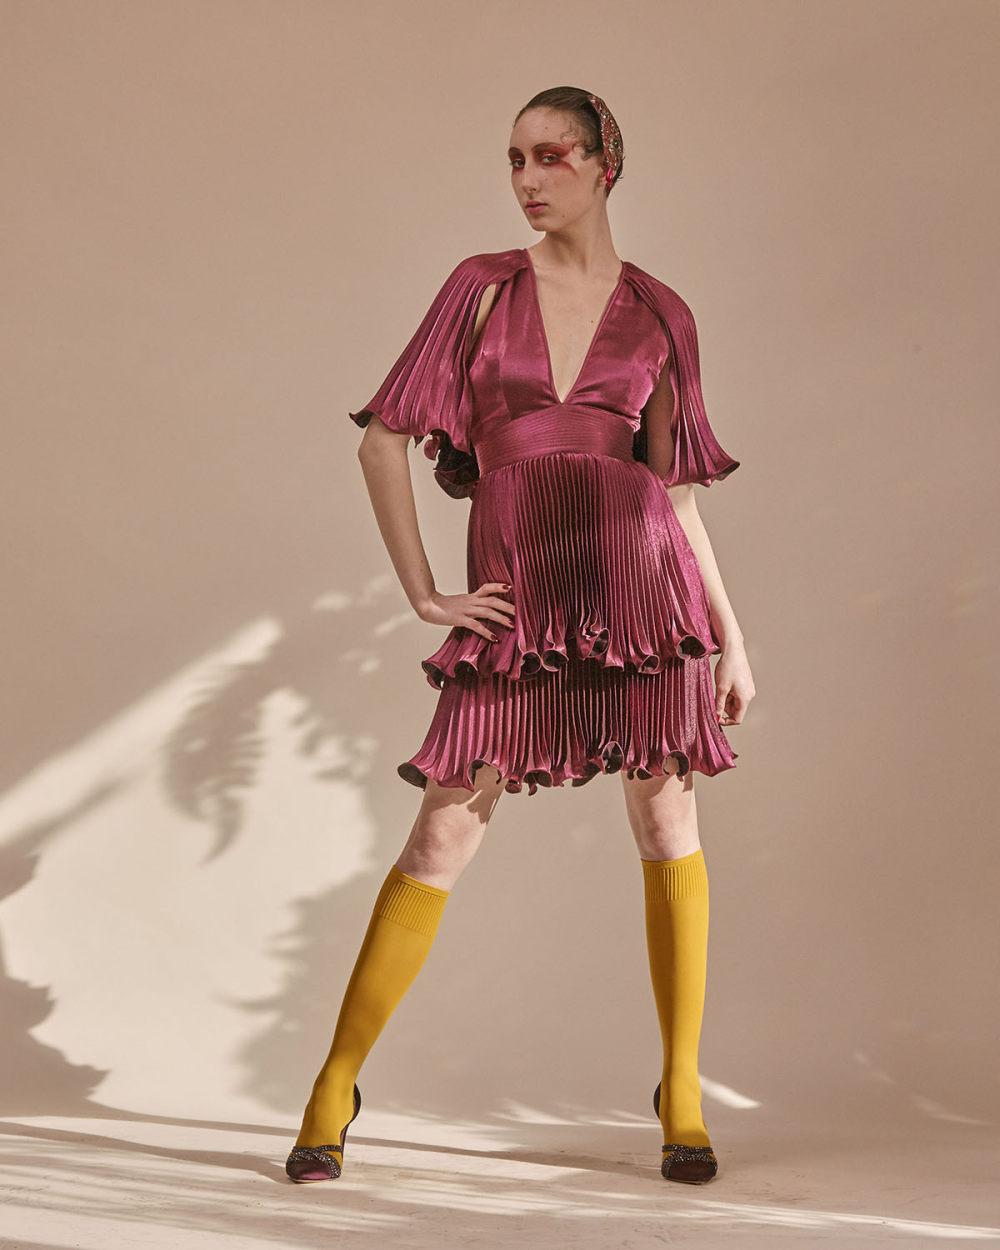 Zandra Rhodes时装系列色调温暖试图在日落前捕捉天空的颜色-13.jpg